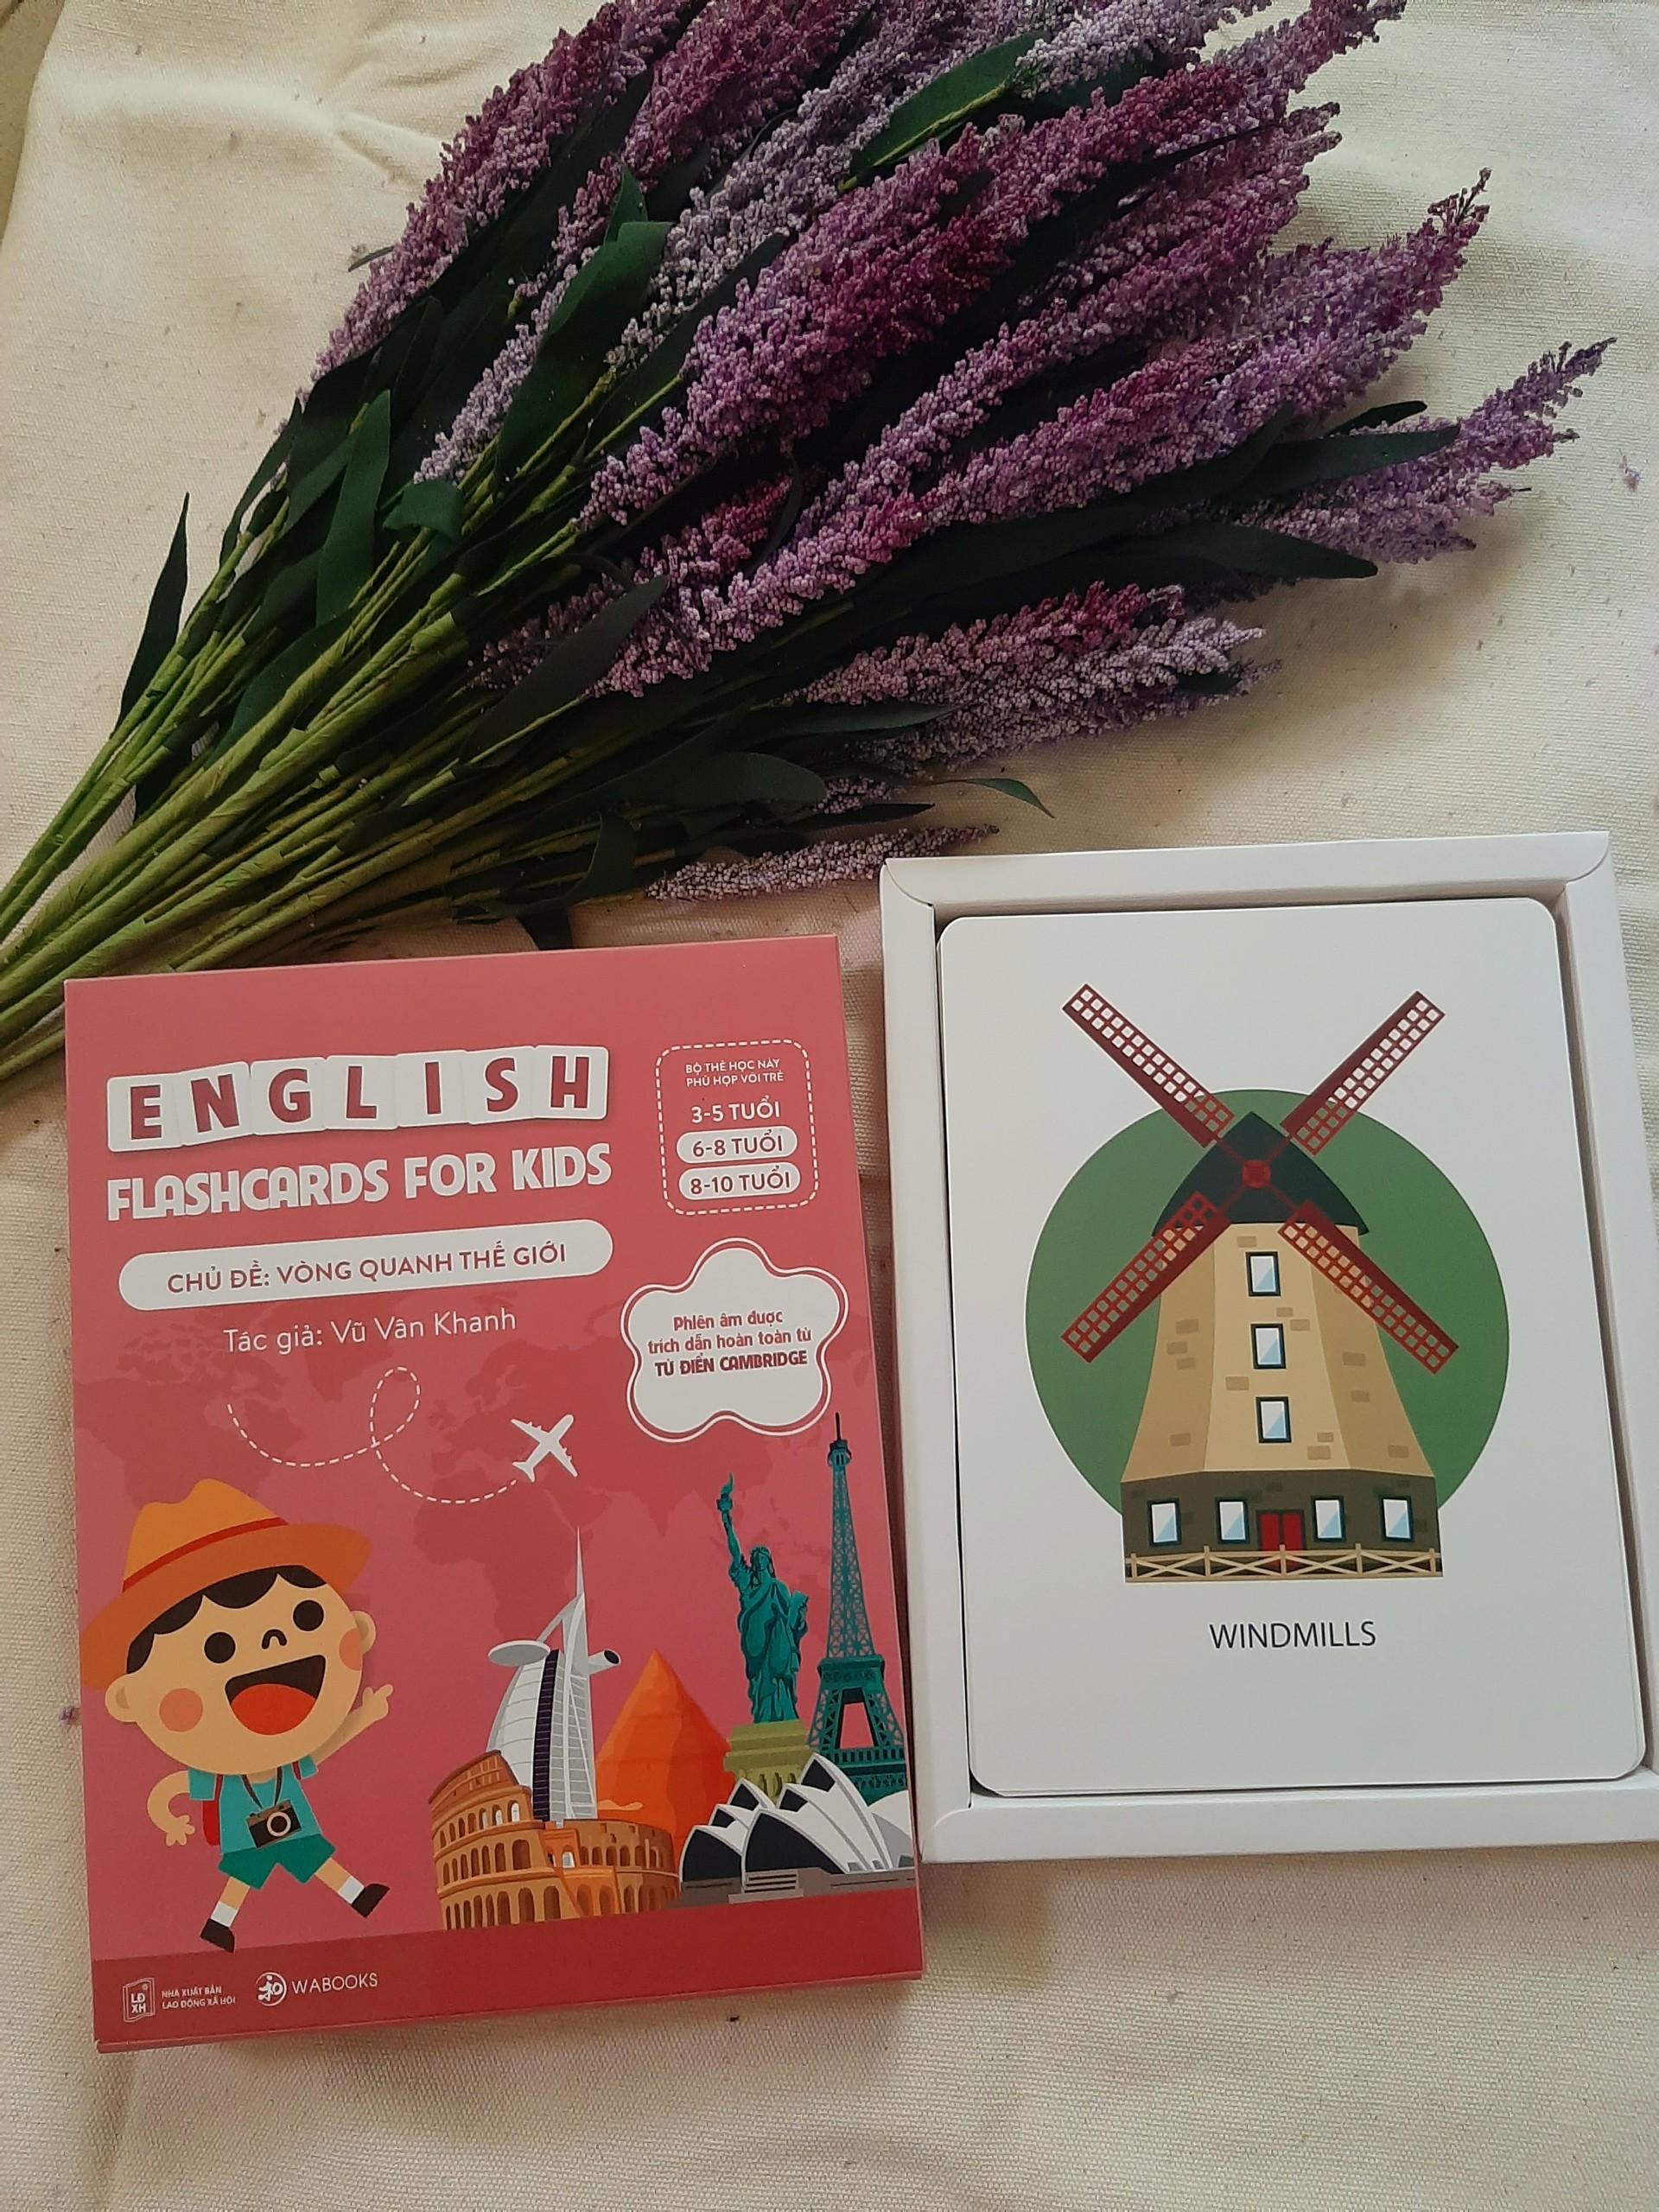 Bộ 30 Thẻ Học (Flashcards) Thông Minh Song Ngữ Tiếng Anh Phiên Âm chuẩn CAMBRIDGE - Chủ đề : Vòng Quanh Thế Giới ( cho bé 3 - 10 tuổi), Chất liệu giấy Ivory cao cấp